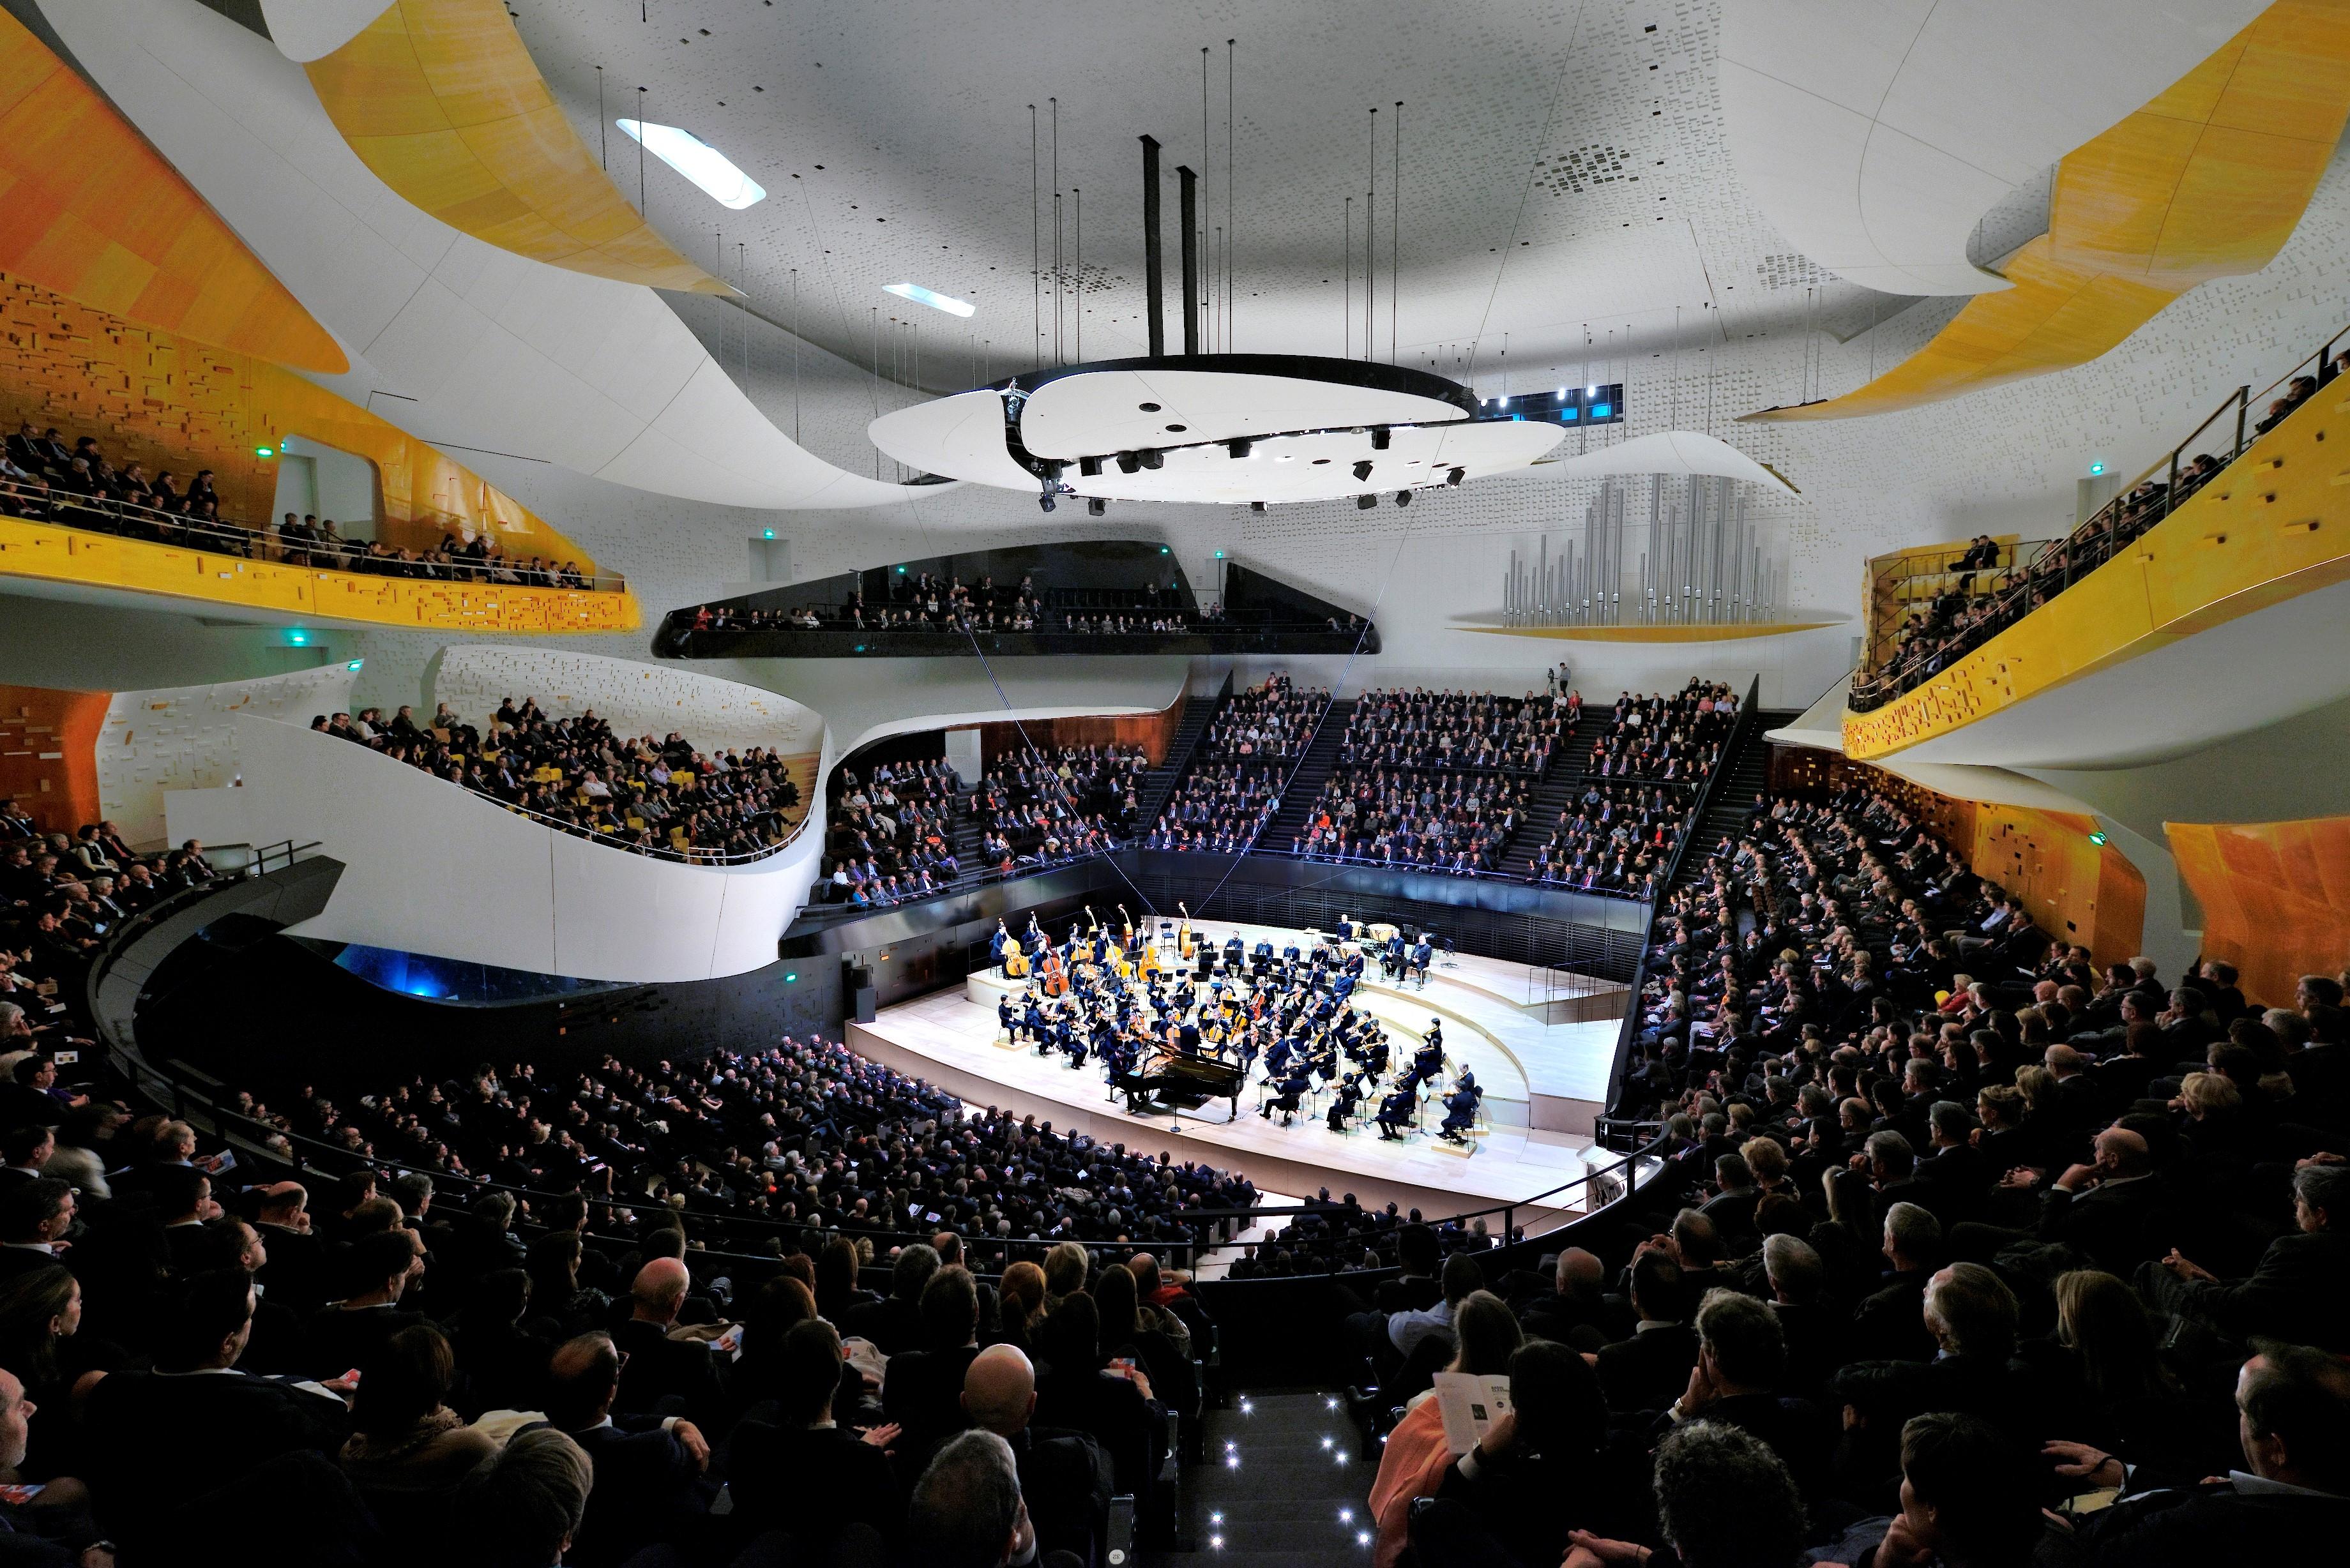 Video presentation on the acoustic design of the Philharmonie de Paris